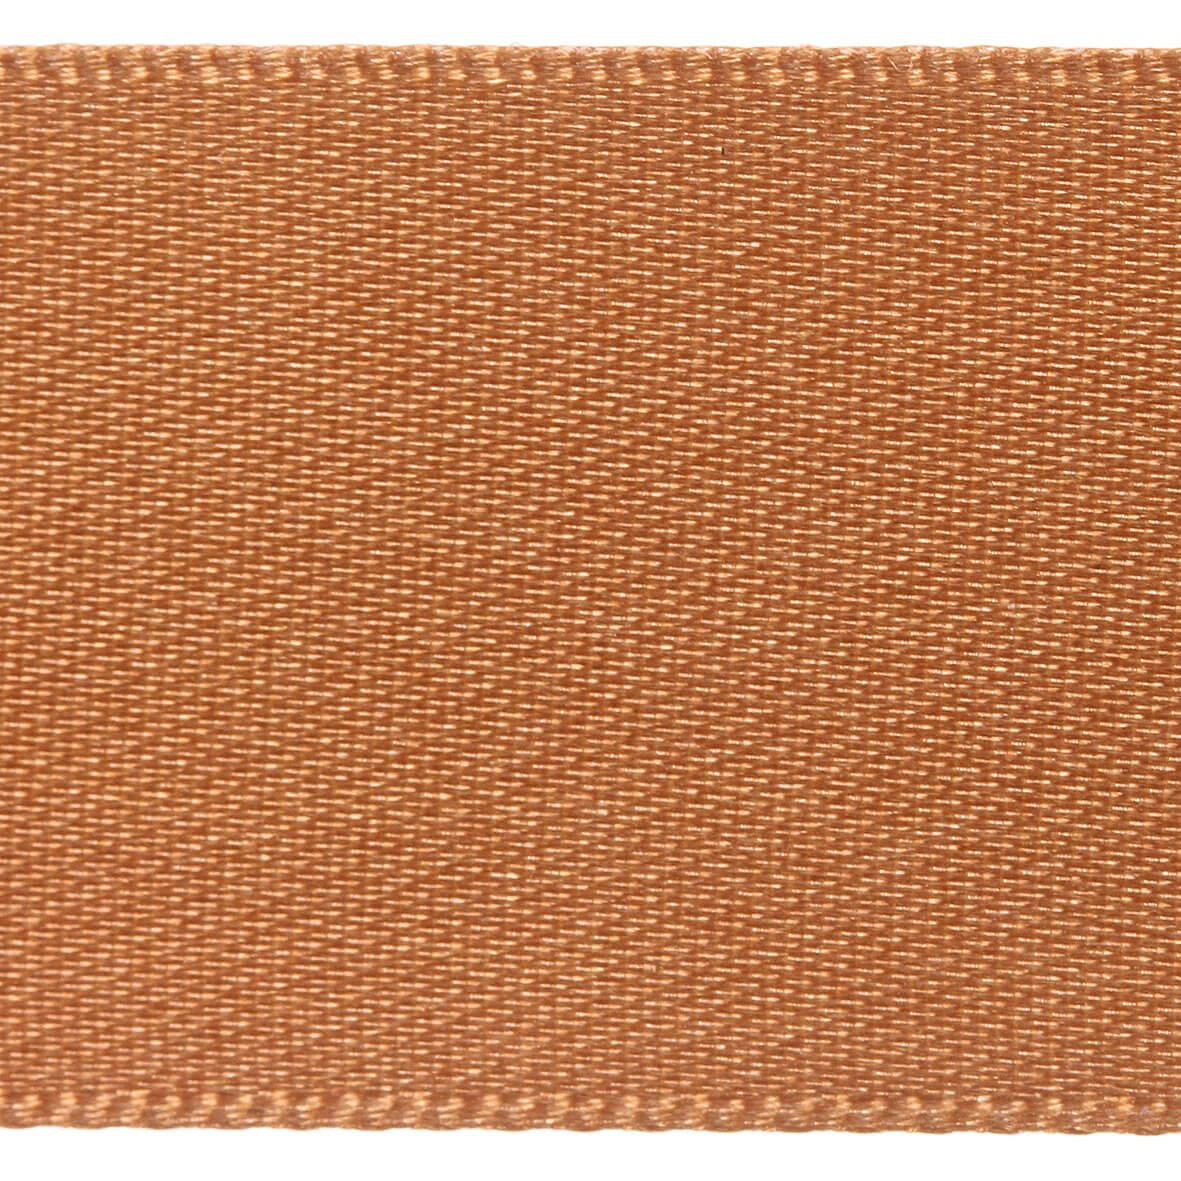 10mm Berisfords Satin Ribbon - Sable Colour 83